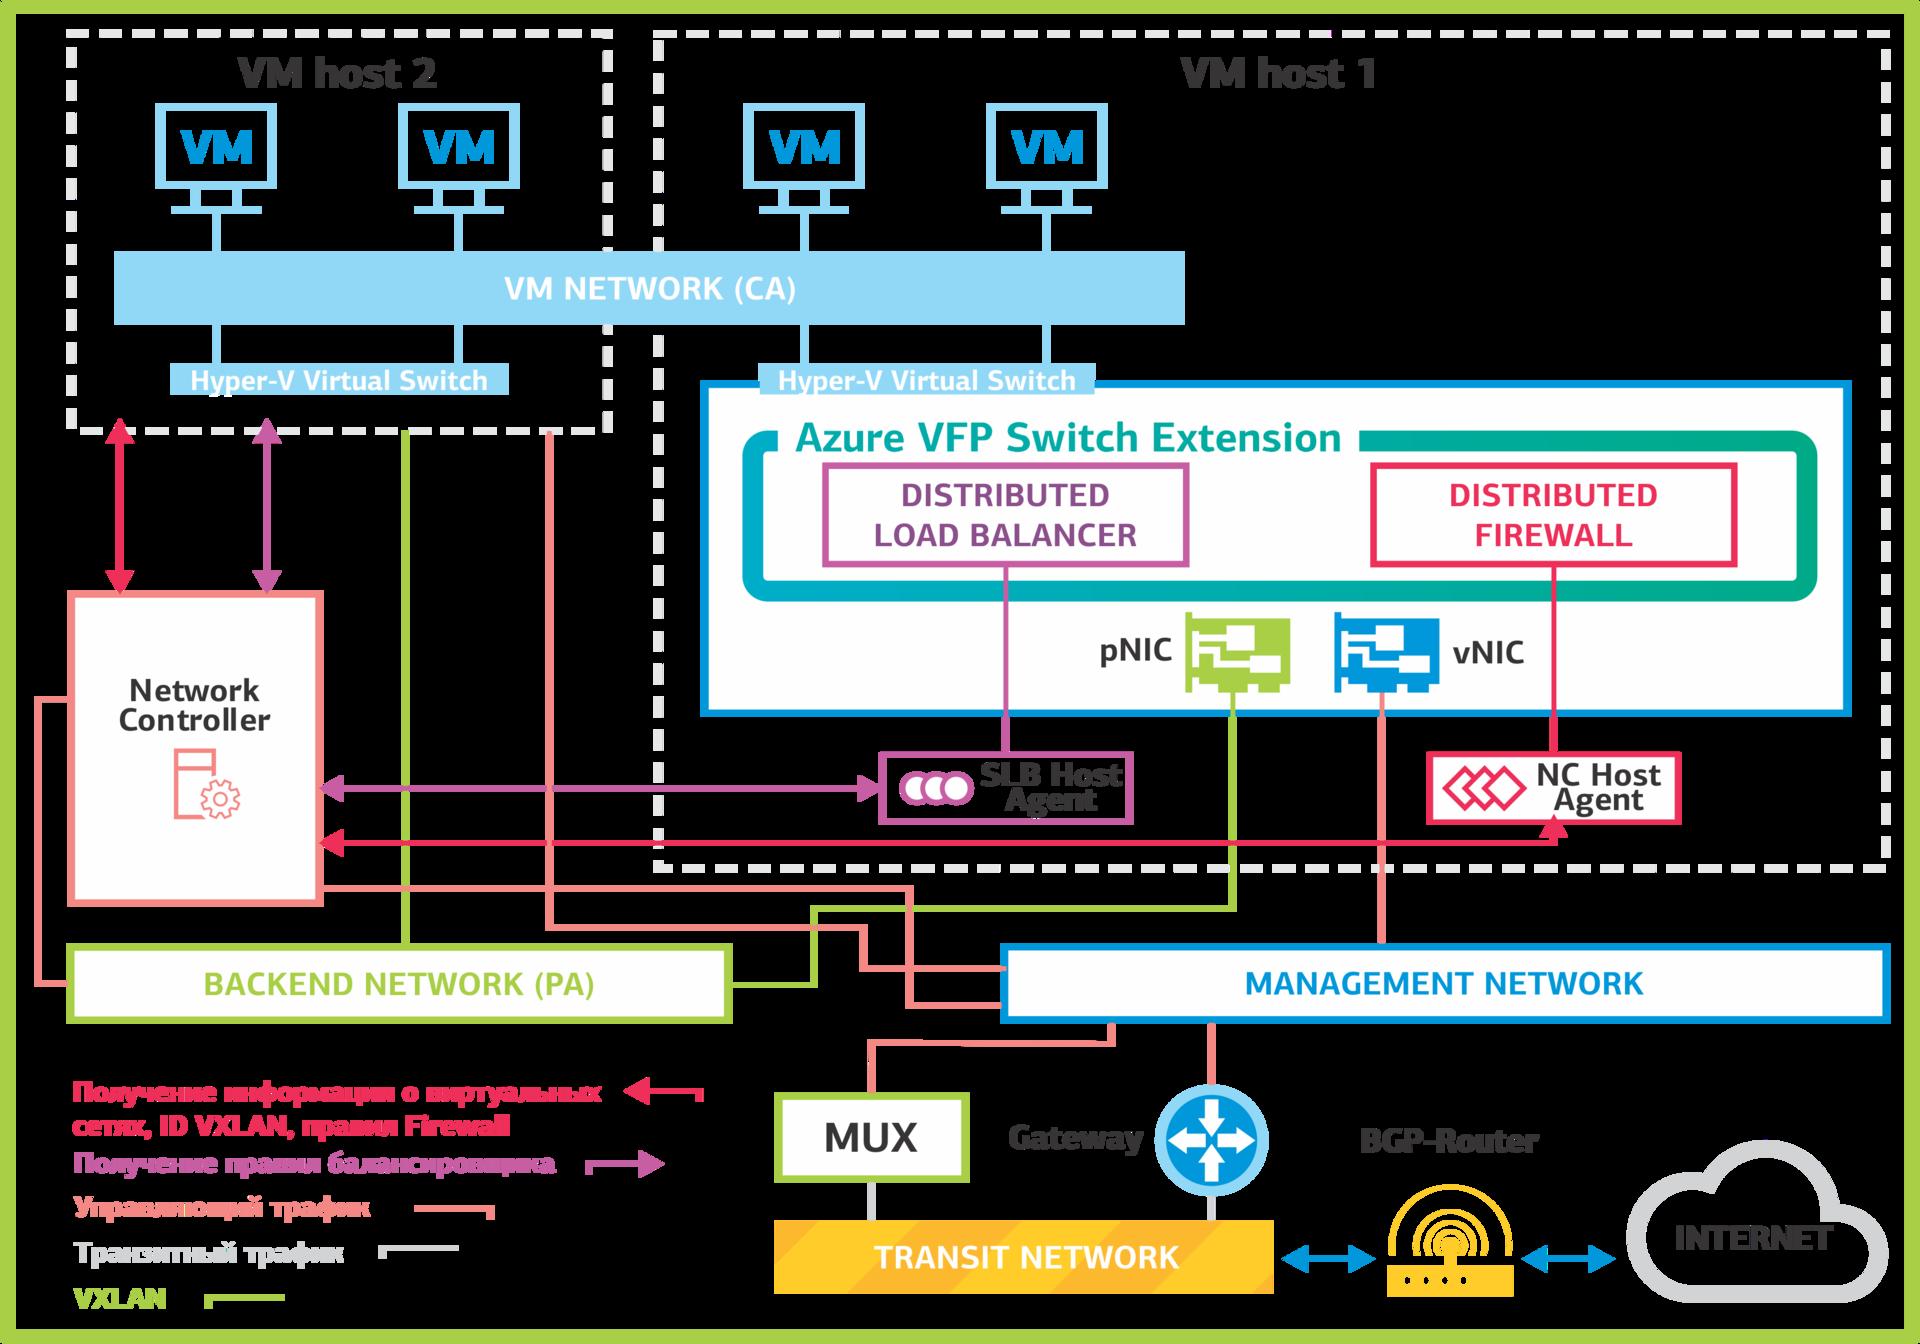 Создания интернет - сайтов серверы сетевые экраны сетевое оборудование создание как сделать сайт в виде дневника